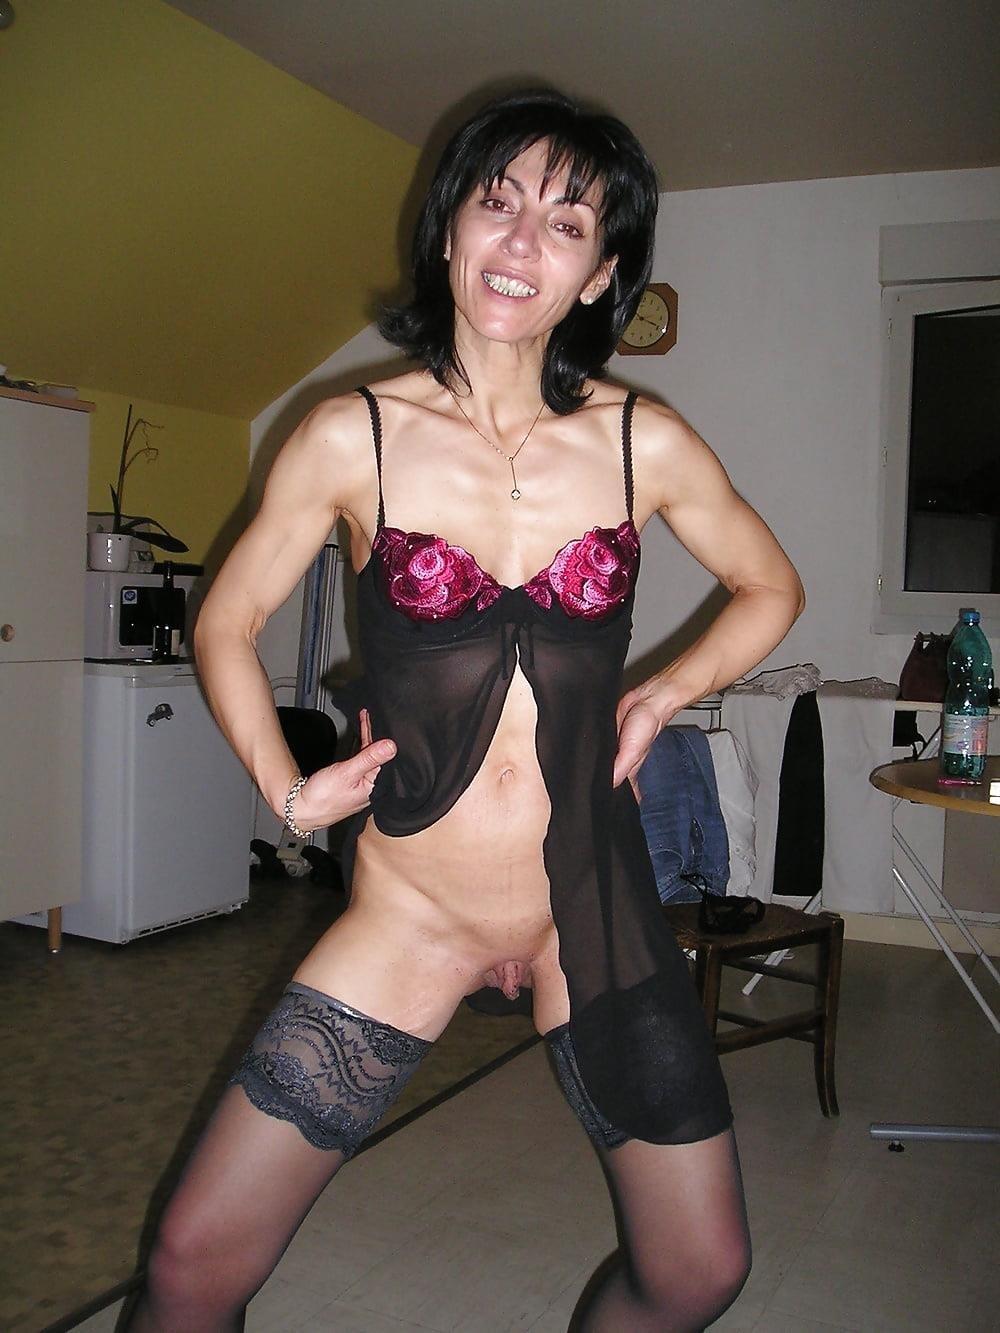 Hot girls bathing naked-5531